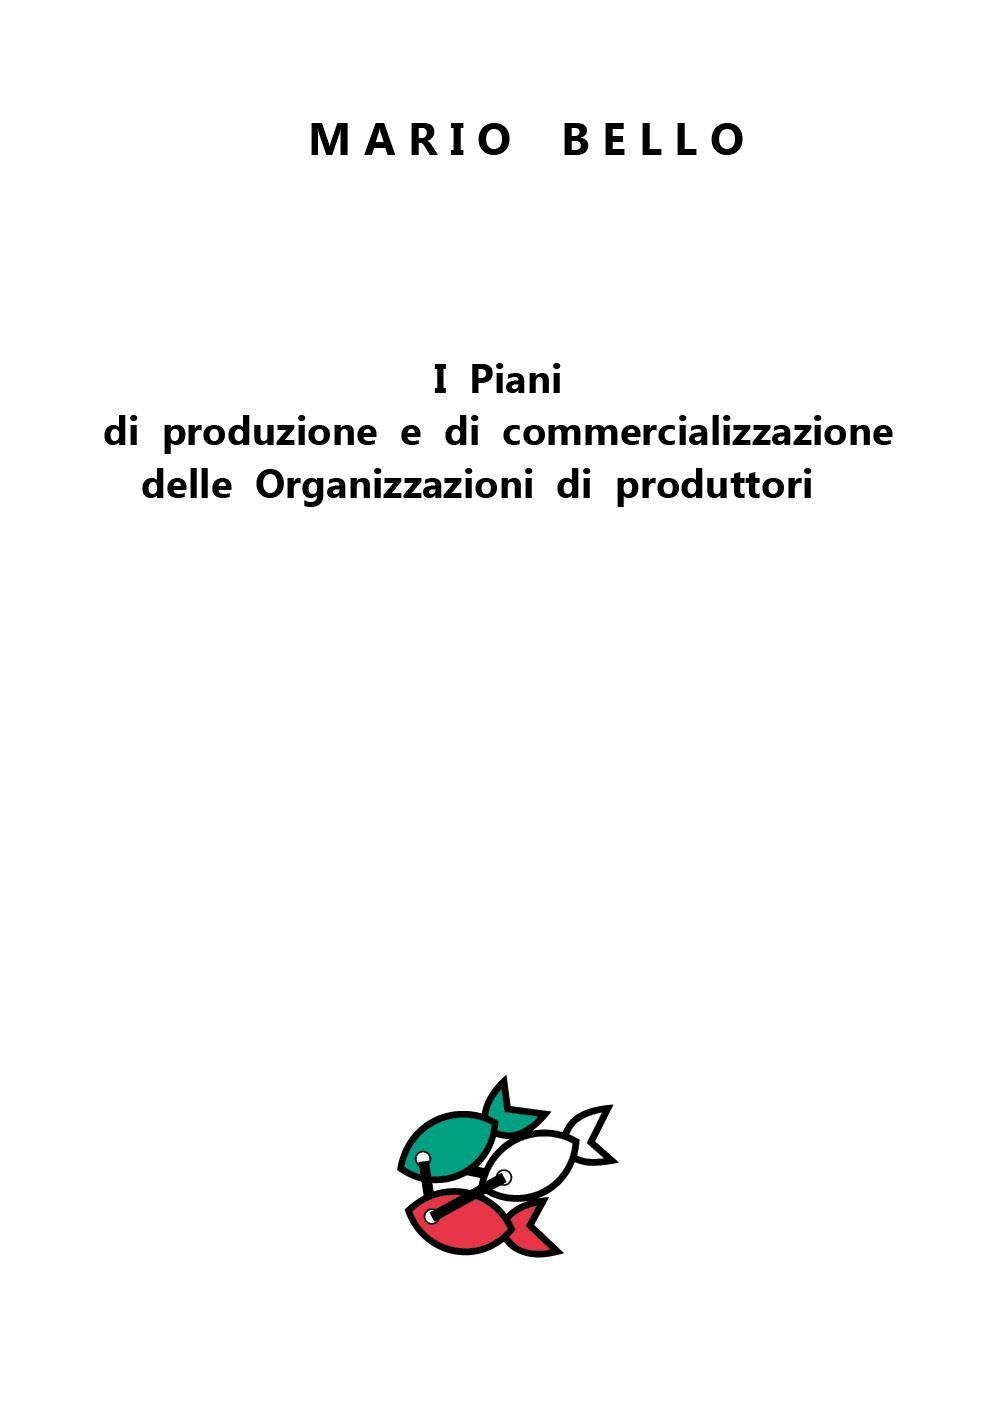 I Piani di produzione e di commercializzazione delle Organizzazioni di produttori